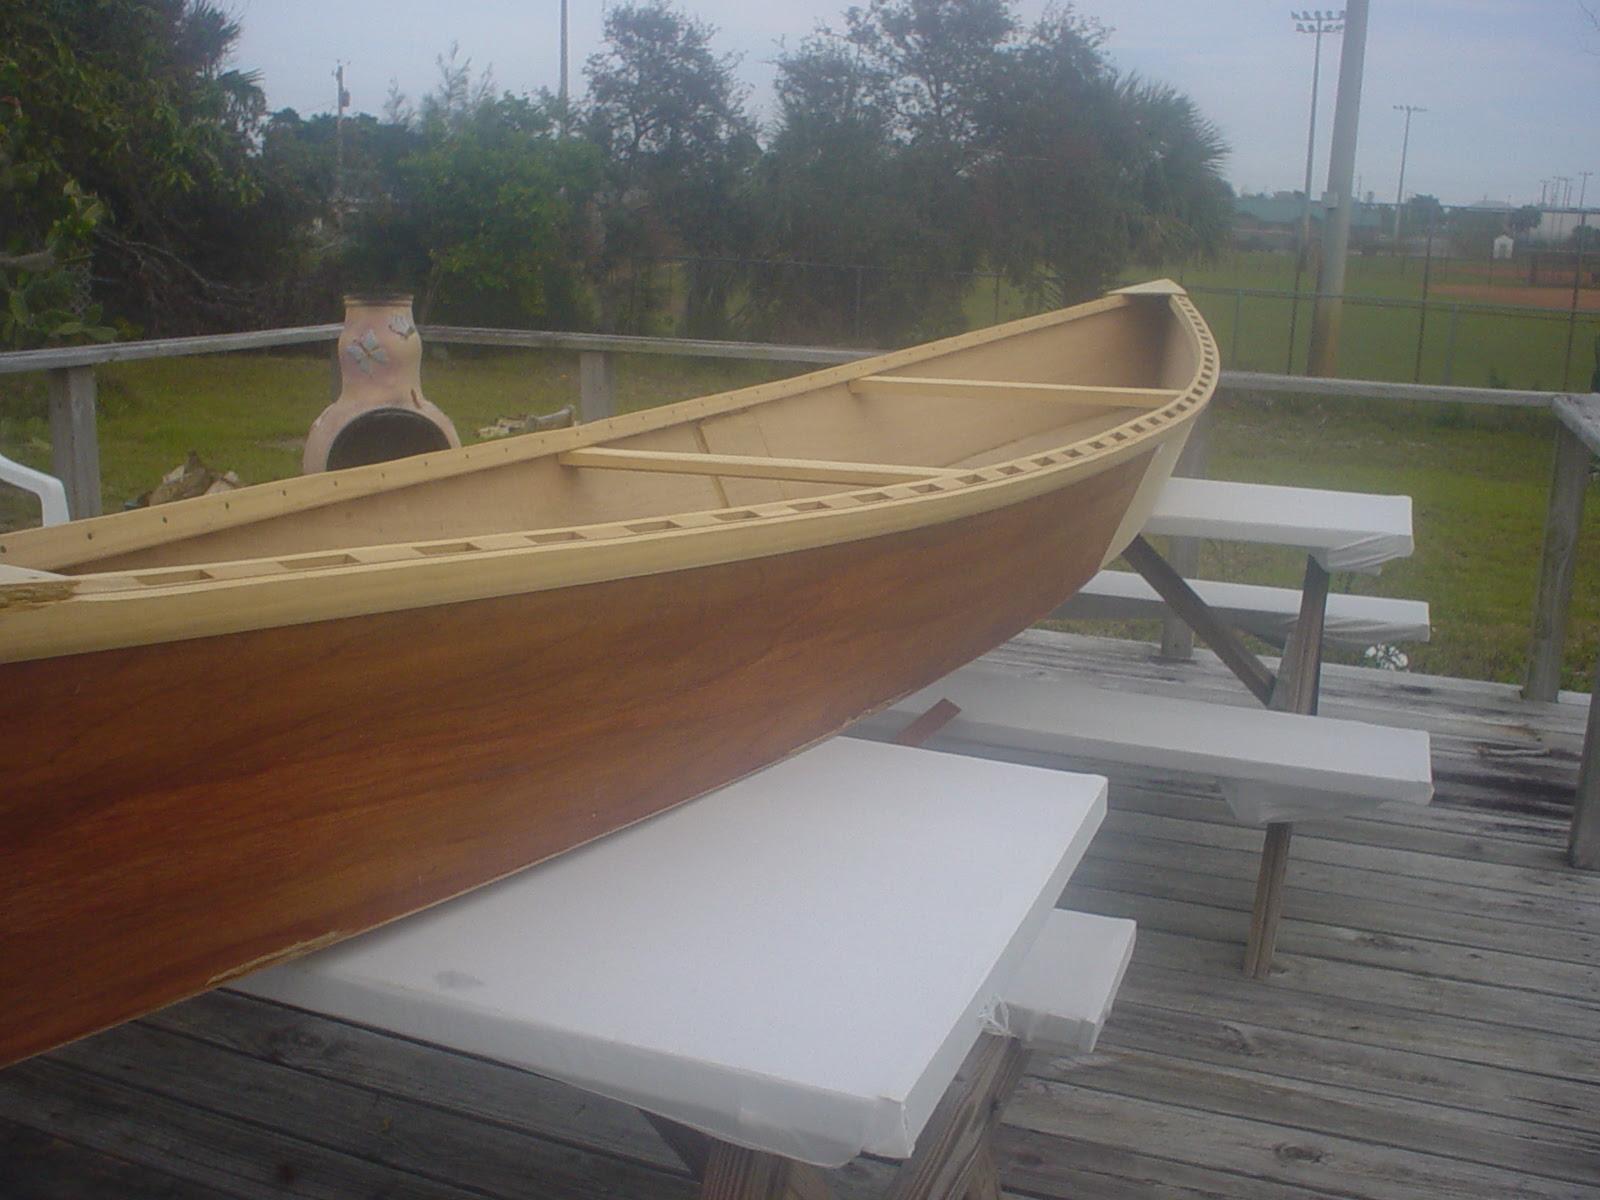 Friend – Home built Wooden Pirogue (Cheap Canoe) | Florida Hillbilly